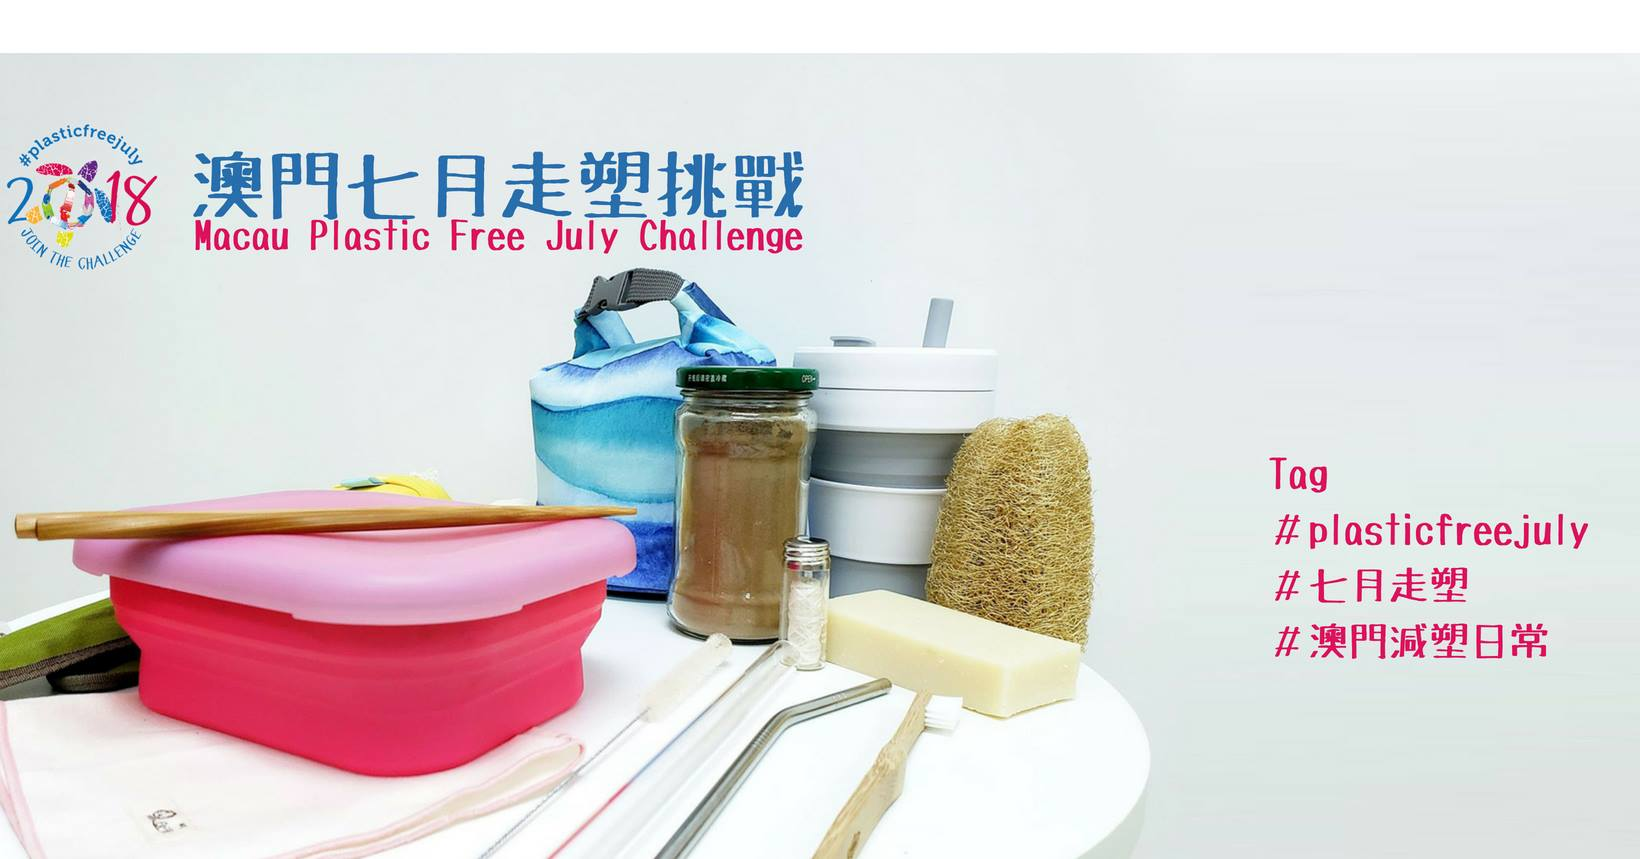 Ambiente | Exemplos de quem reduz o consumo de plástico no dia-a-dia